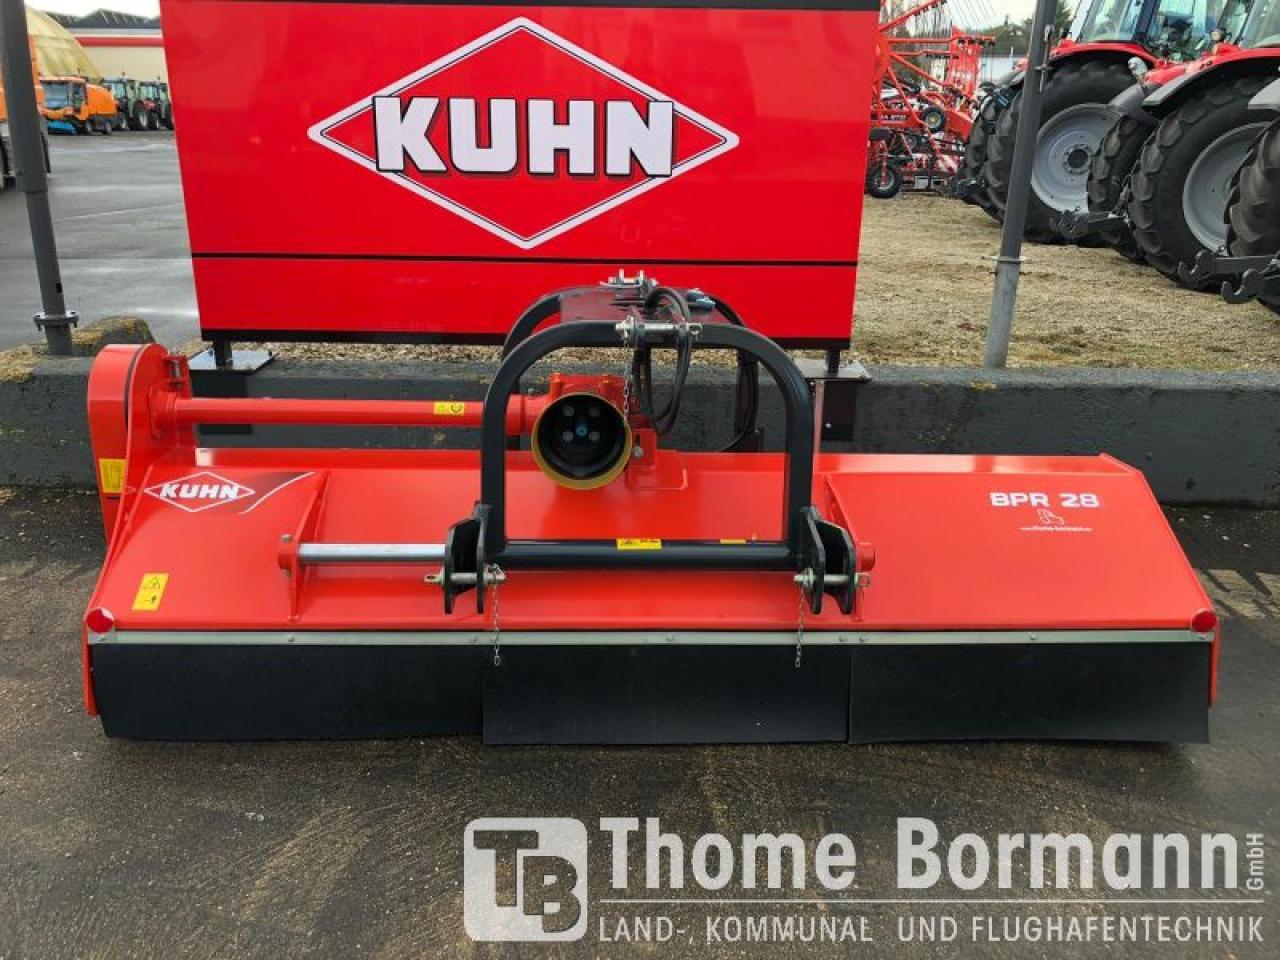 Kuhn BPR 28